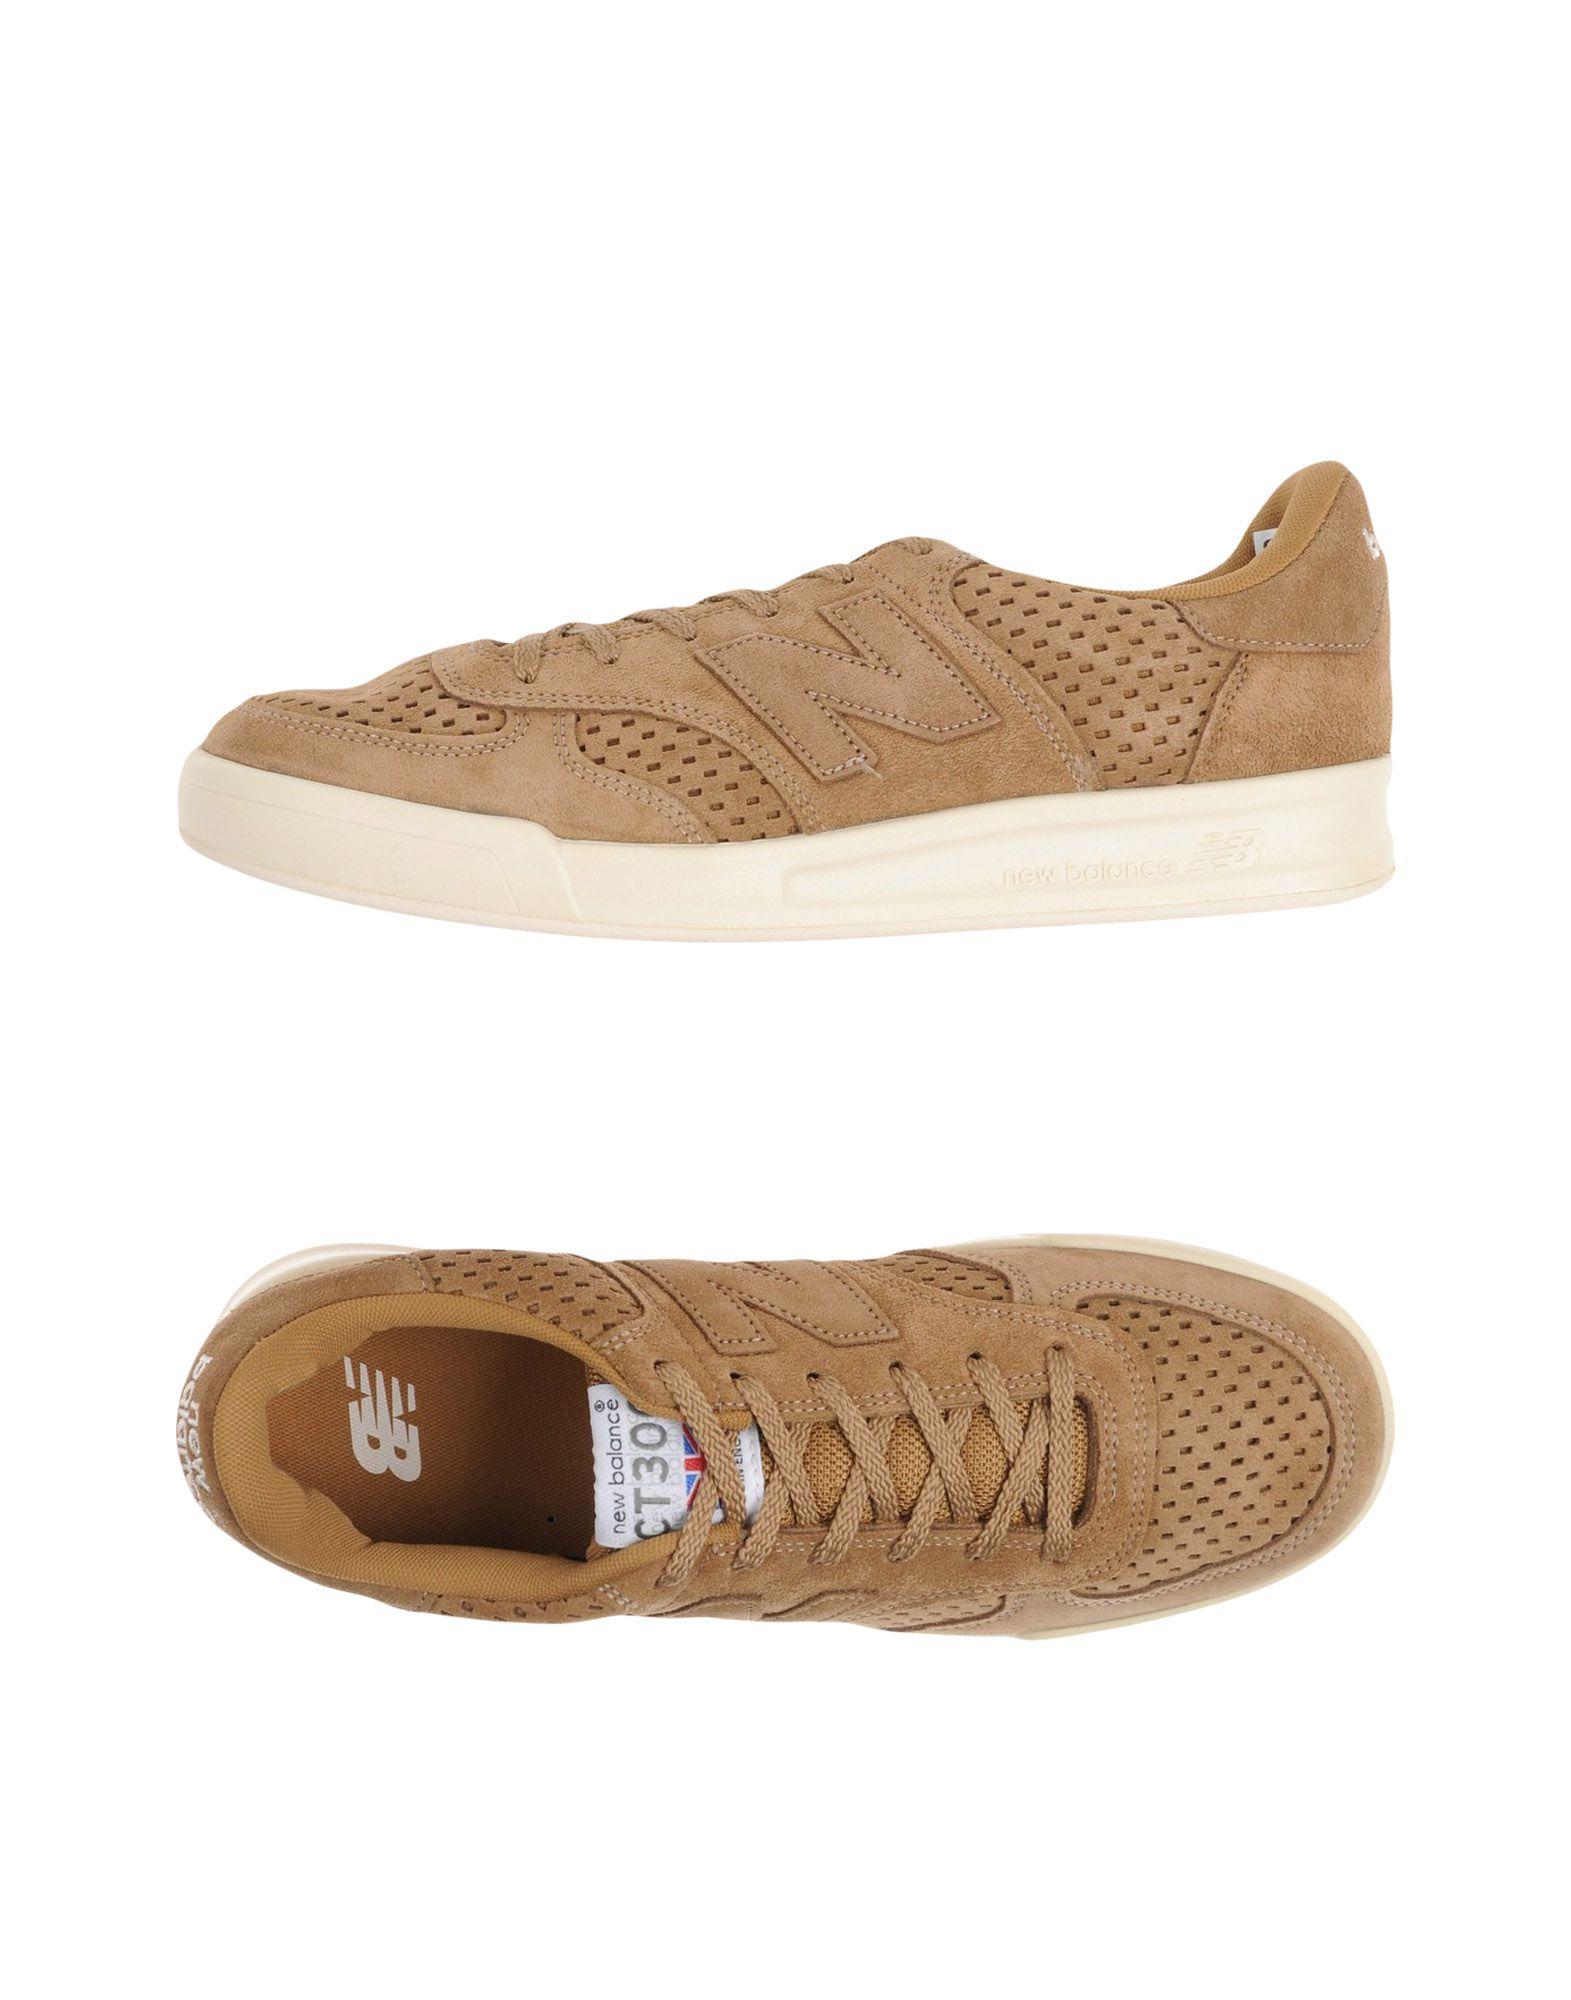 Rabatt echte Schuhe New Balance Sneakers Herren  11242802TK